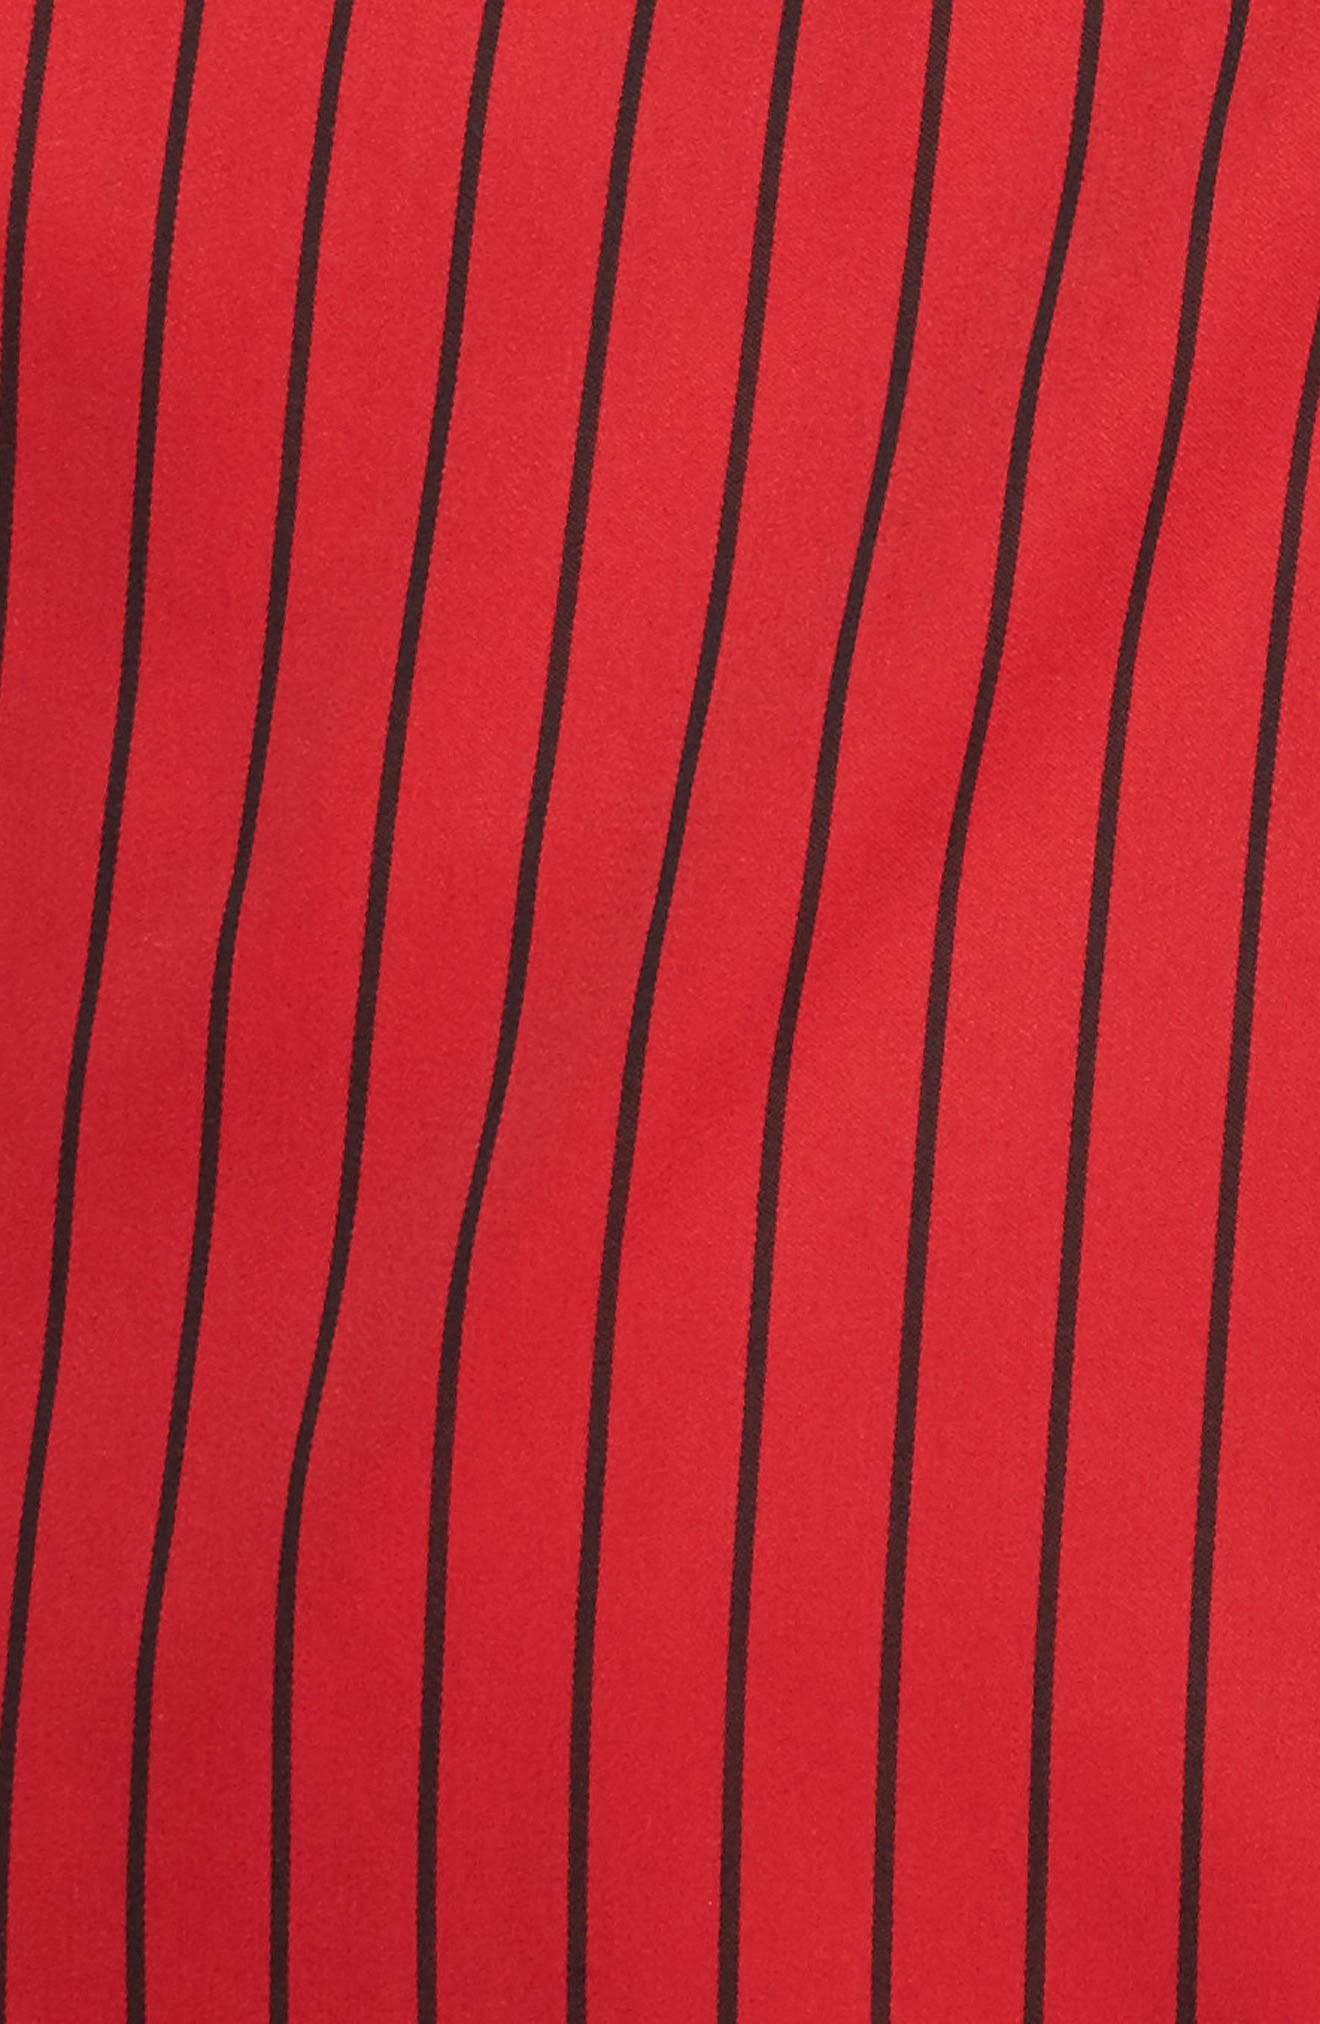 Gina Holiday Stripe Shirt,                             Alternate thumbnail 10, color,